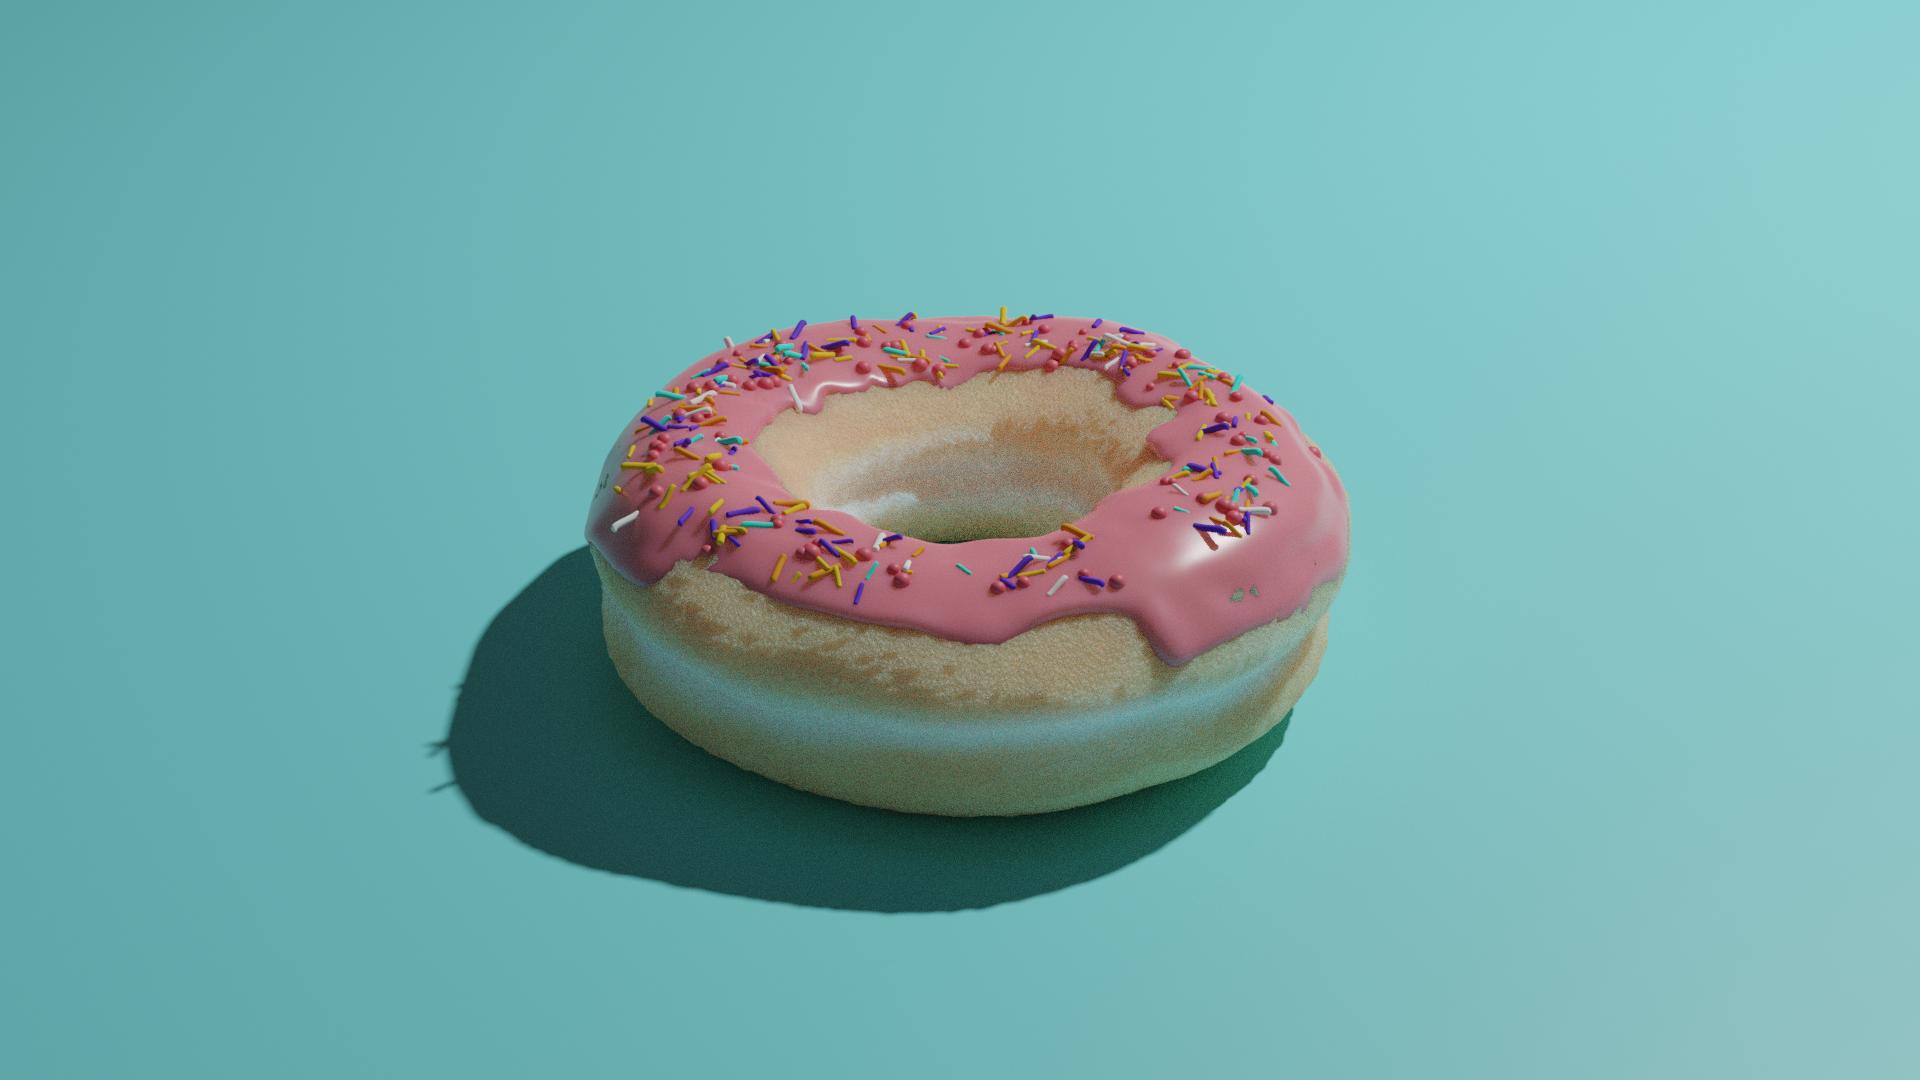 Donut side